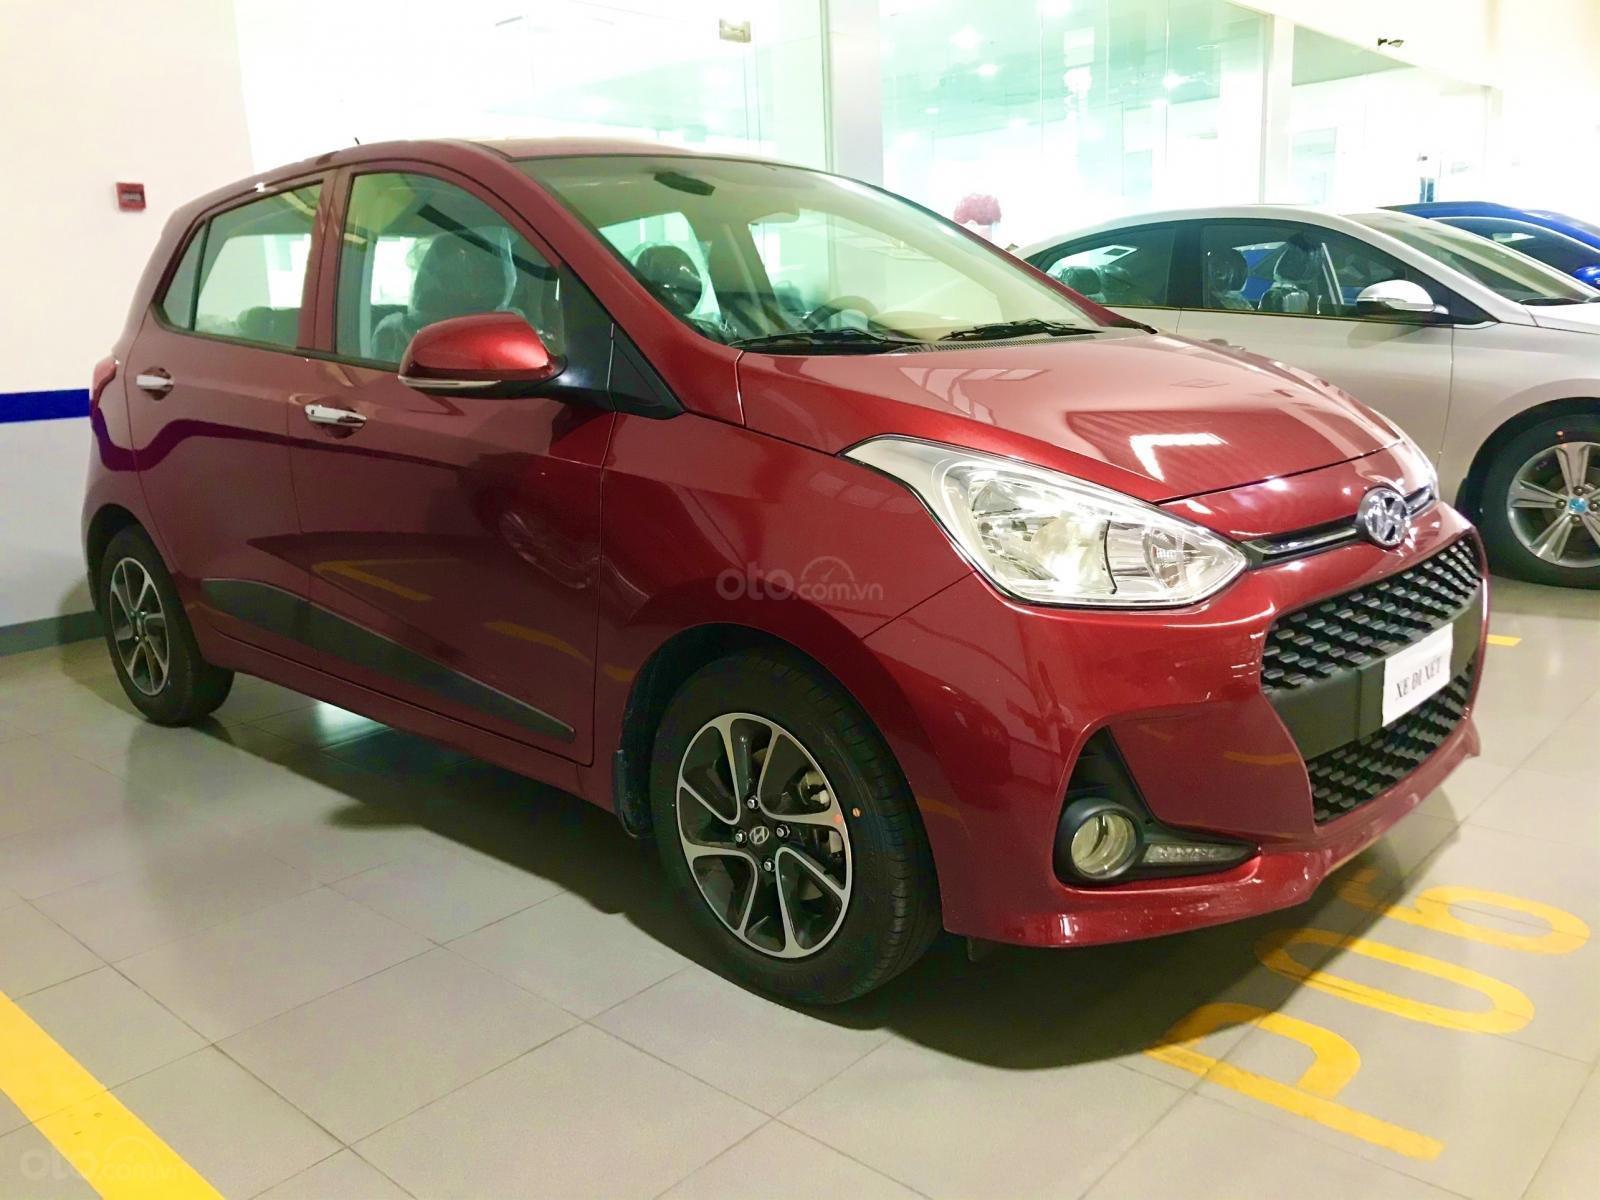 Hyundai i10 số tự động cao cấp đưa trước chỉ 125 triệu mới 100% (1)